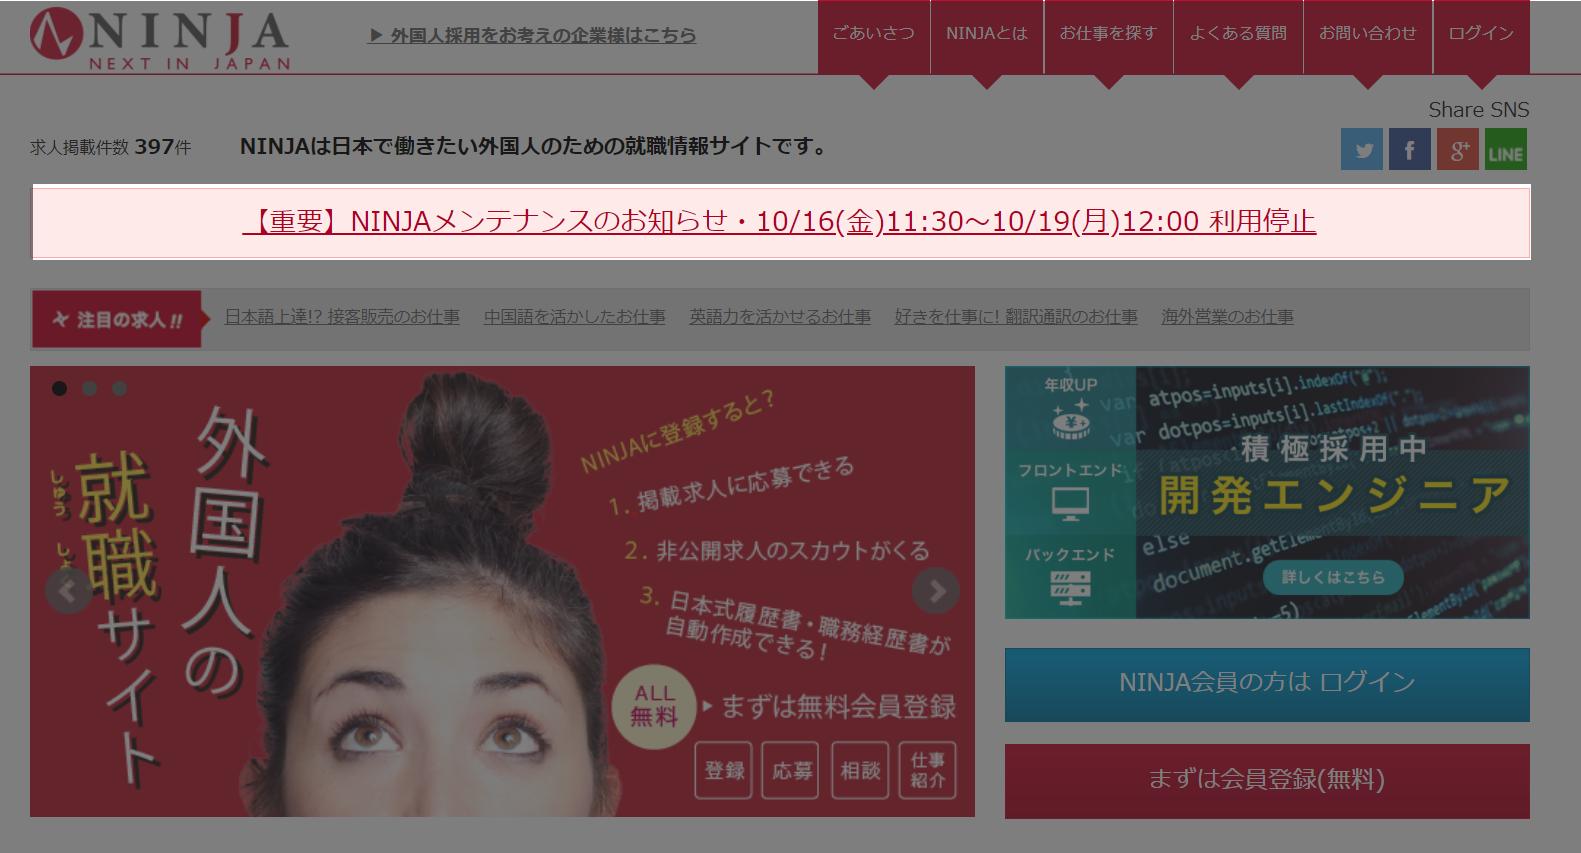 外国人向け求人サイト『NINJA』メンテナンスで利用停止(10/16PM~10/19AM)